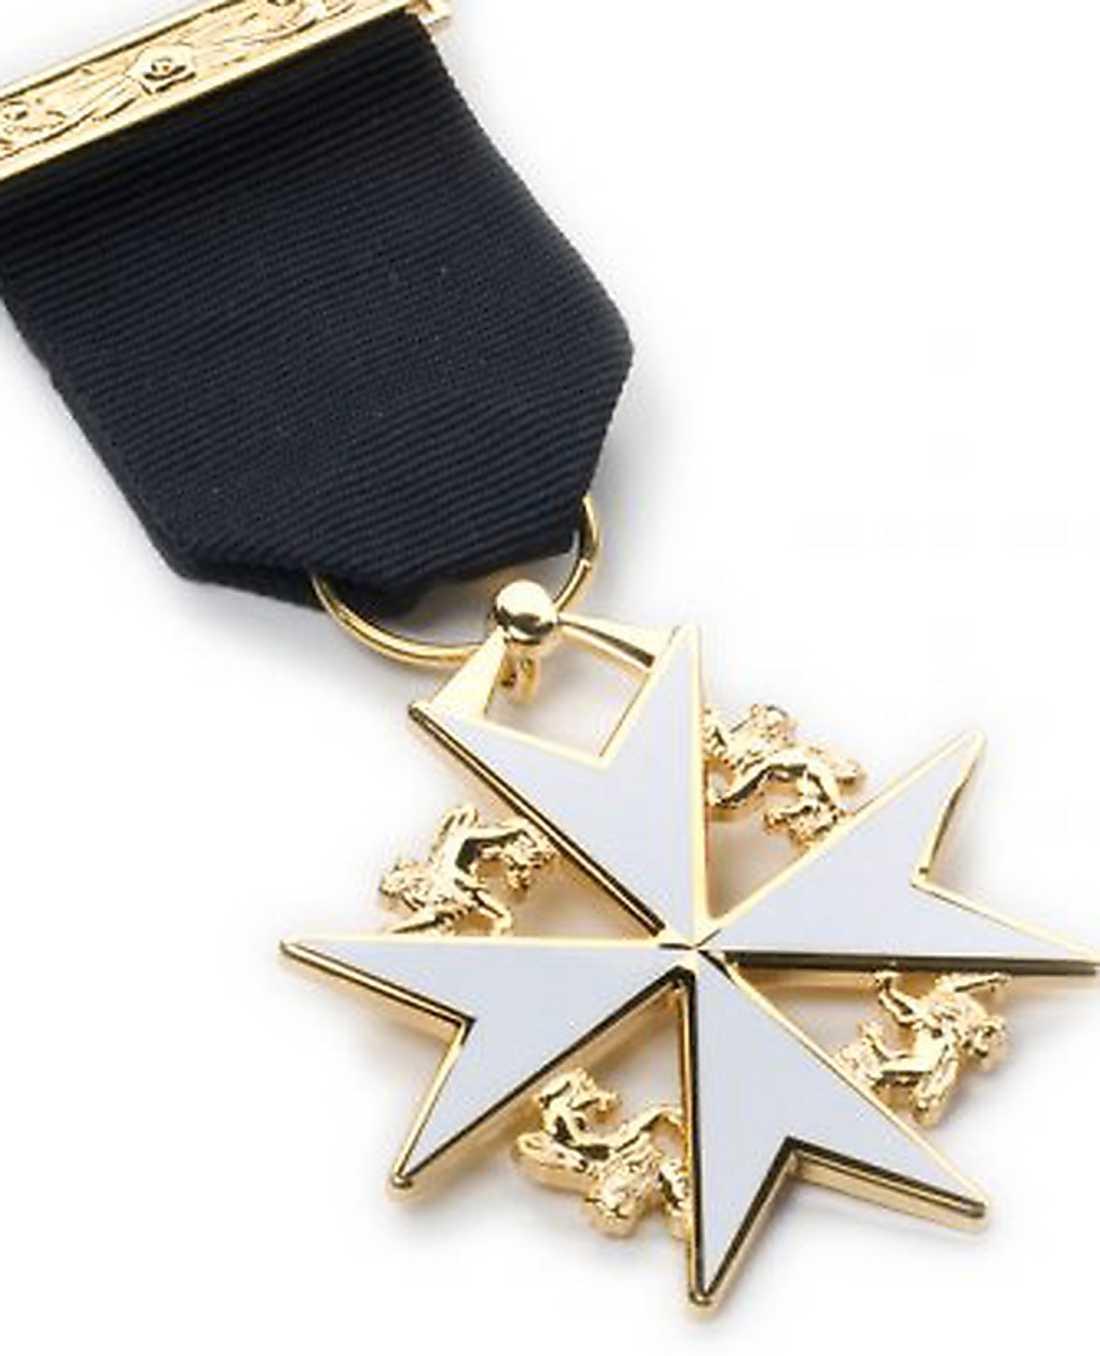 Behring Breivik kallar korset Knight of Malta Breast Jewel, som han menar ges till dem som har fått minst 10 utmärkelser i kampen mot islam. Egentligen heter det Knights Templar and Knight of Malta Breast Jewel.